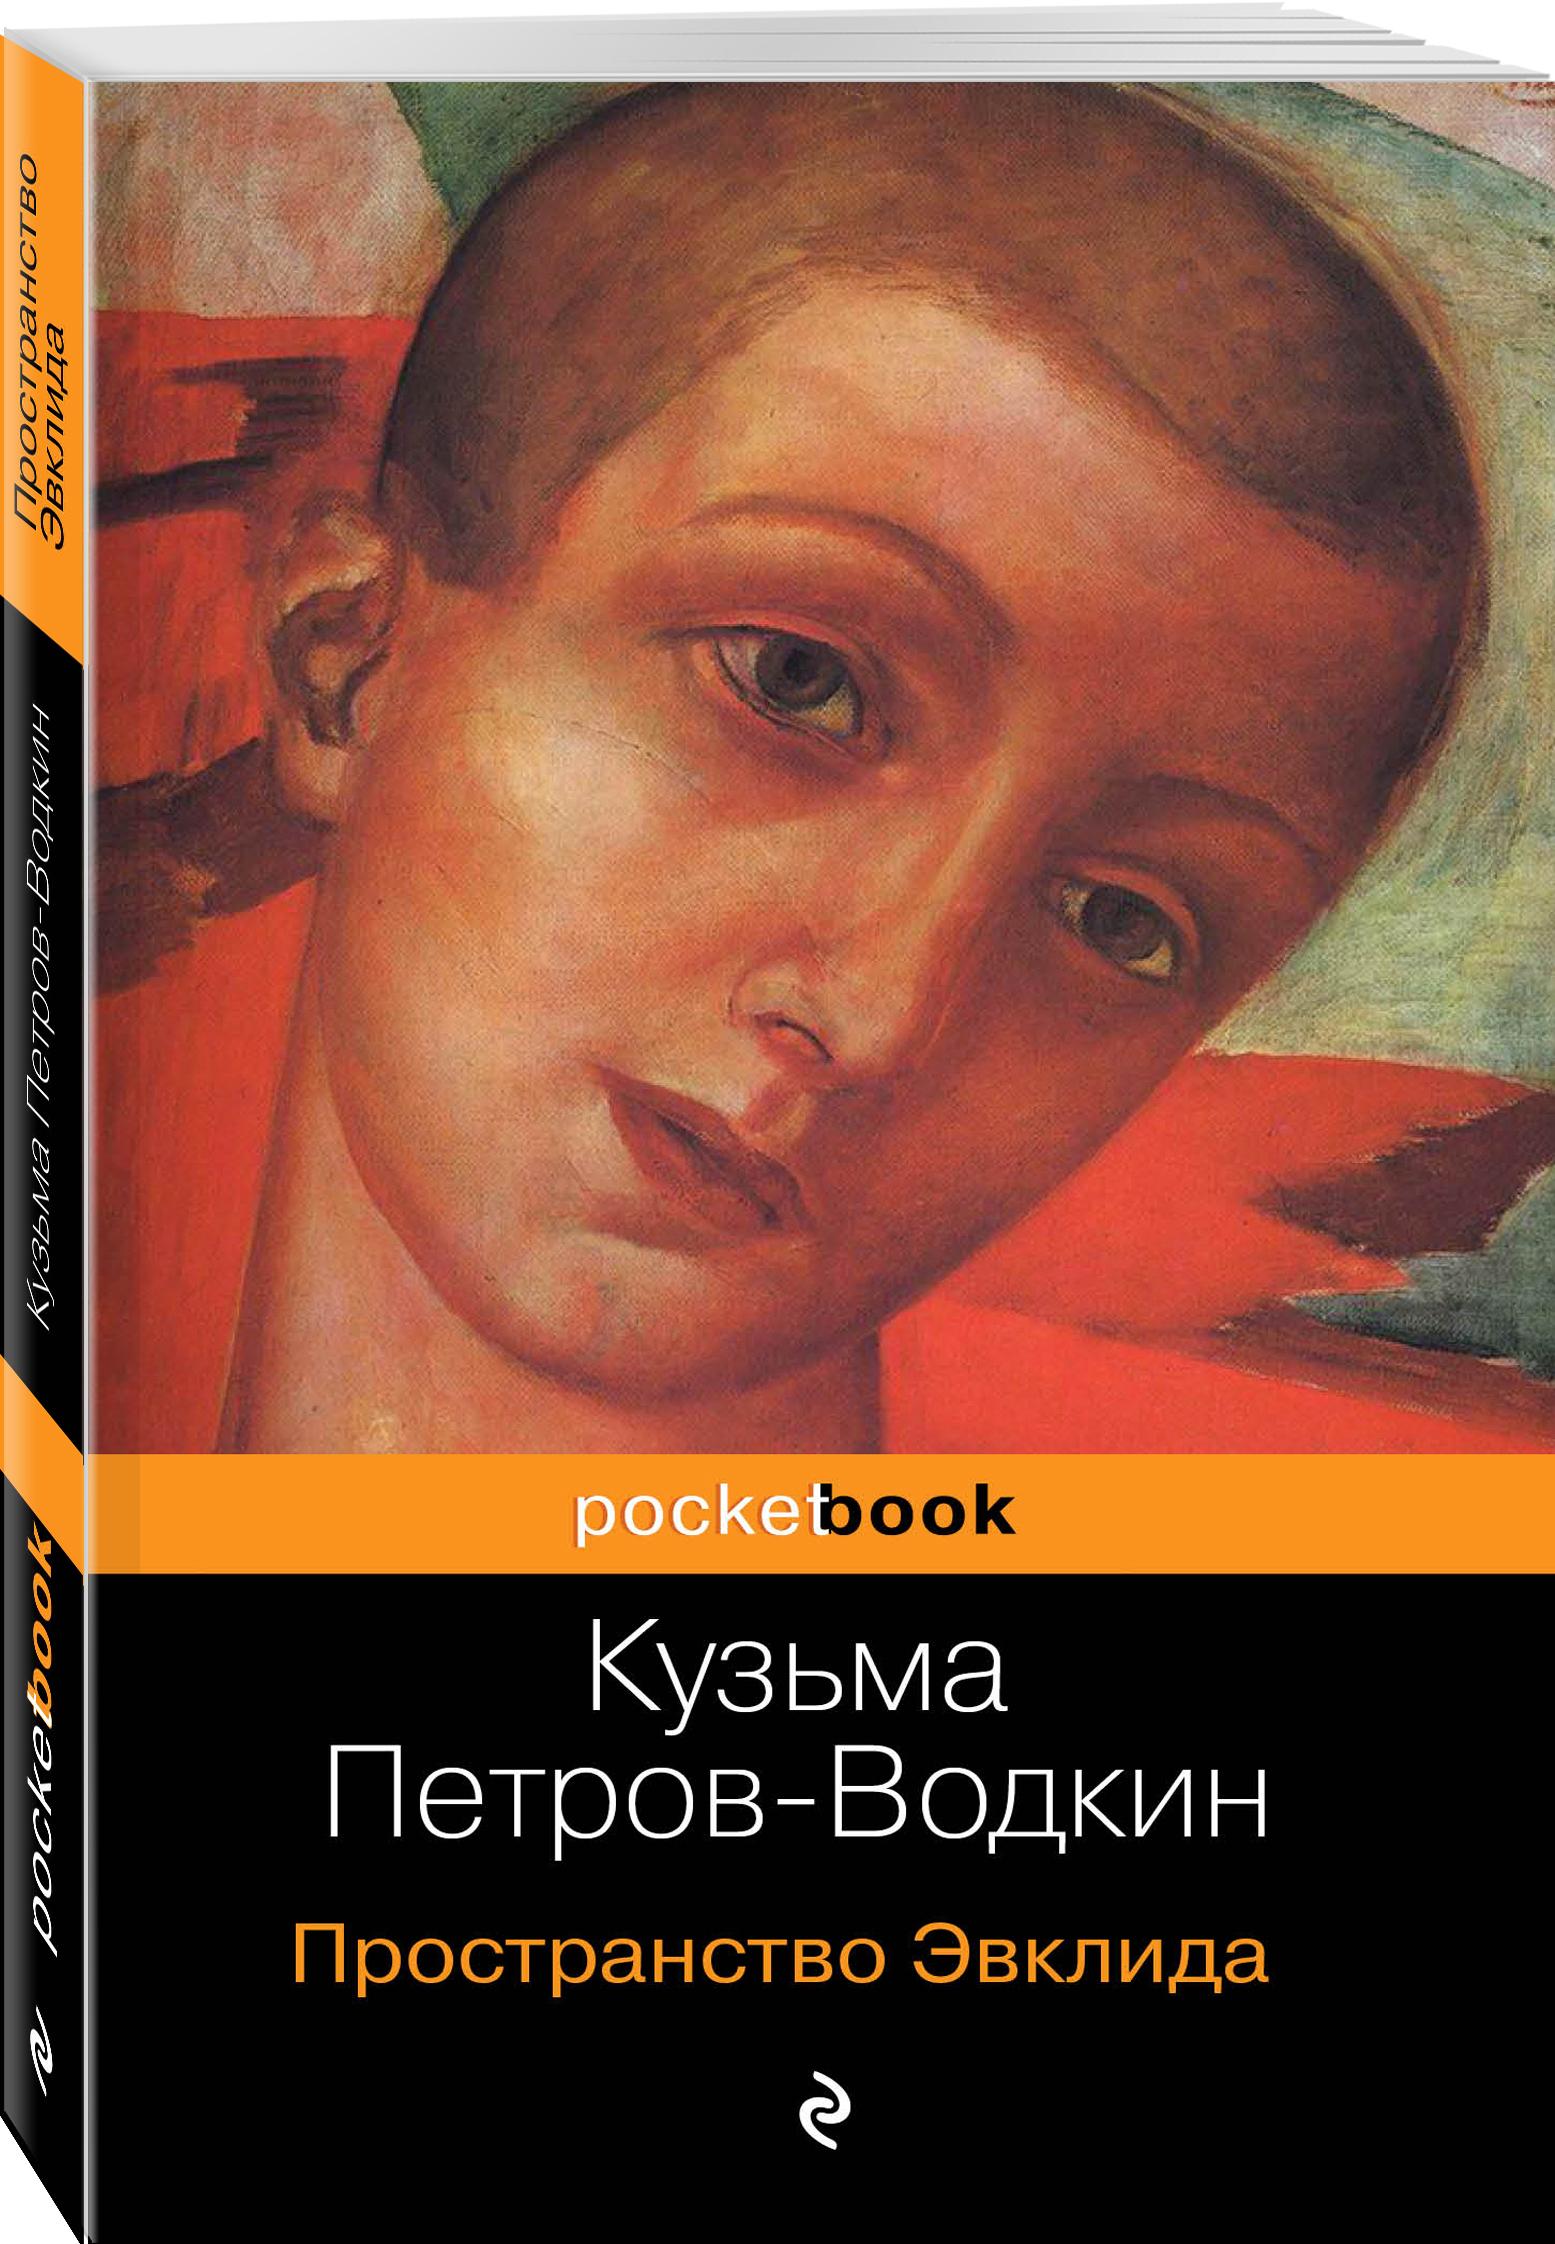 Кузьма Петров-Водкин Пространство Эвклида ю русаков петров водкин